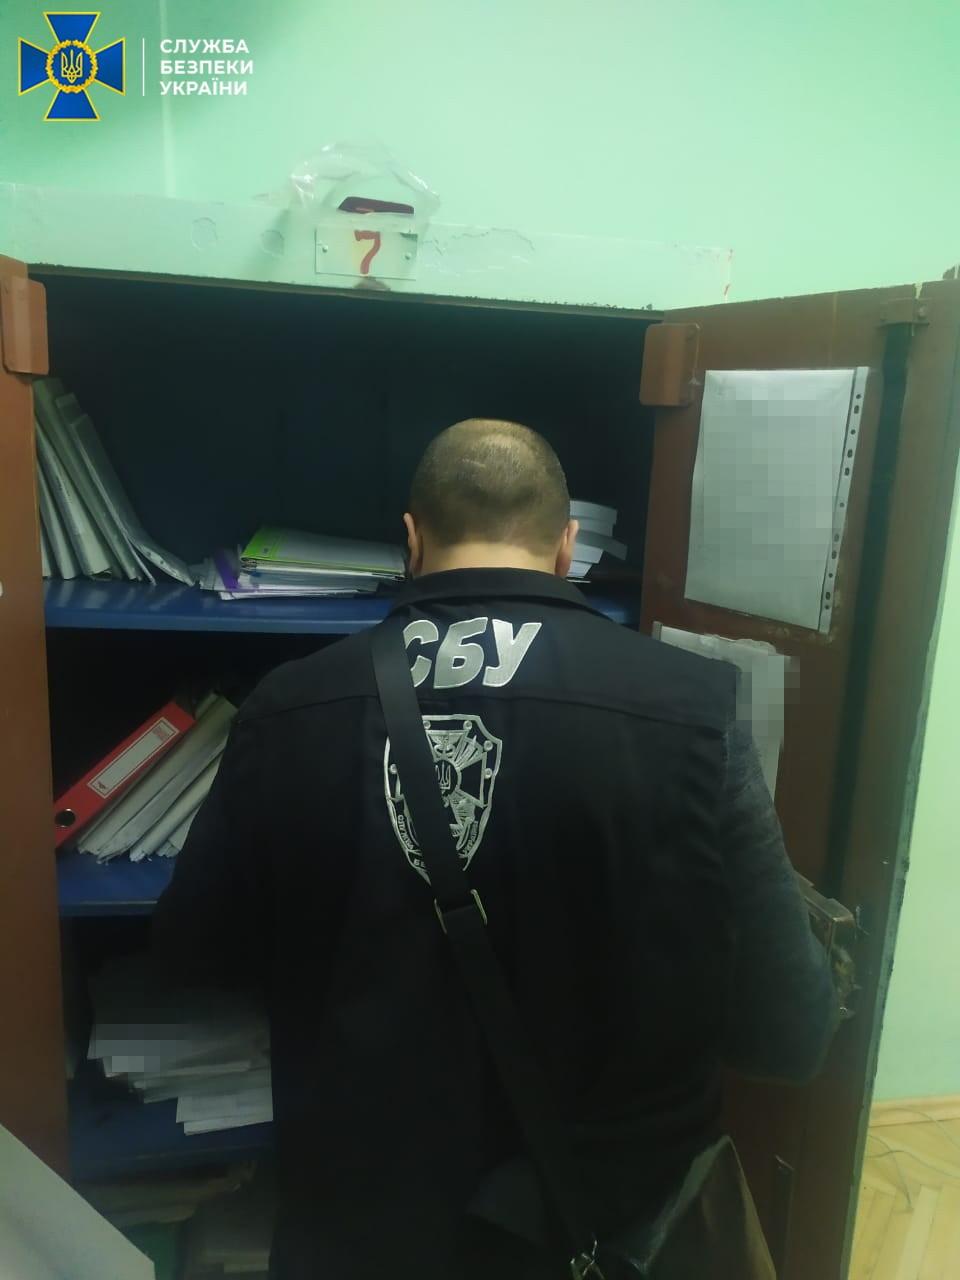 """Топ-менеджмент """"УДП"""" подозревают в государственной измене: в СБУ рассказали об обысках в пароходстве"""